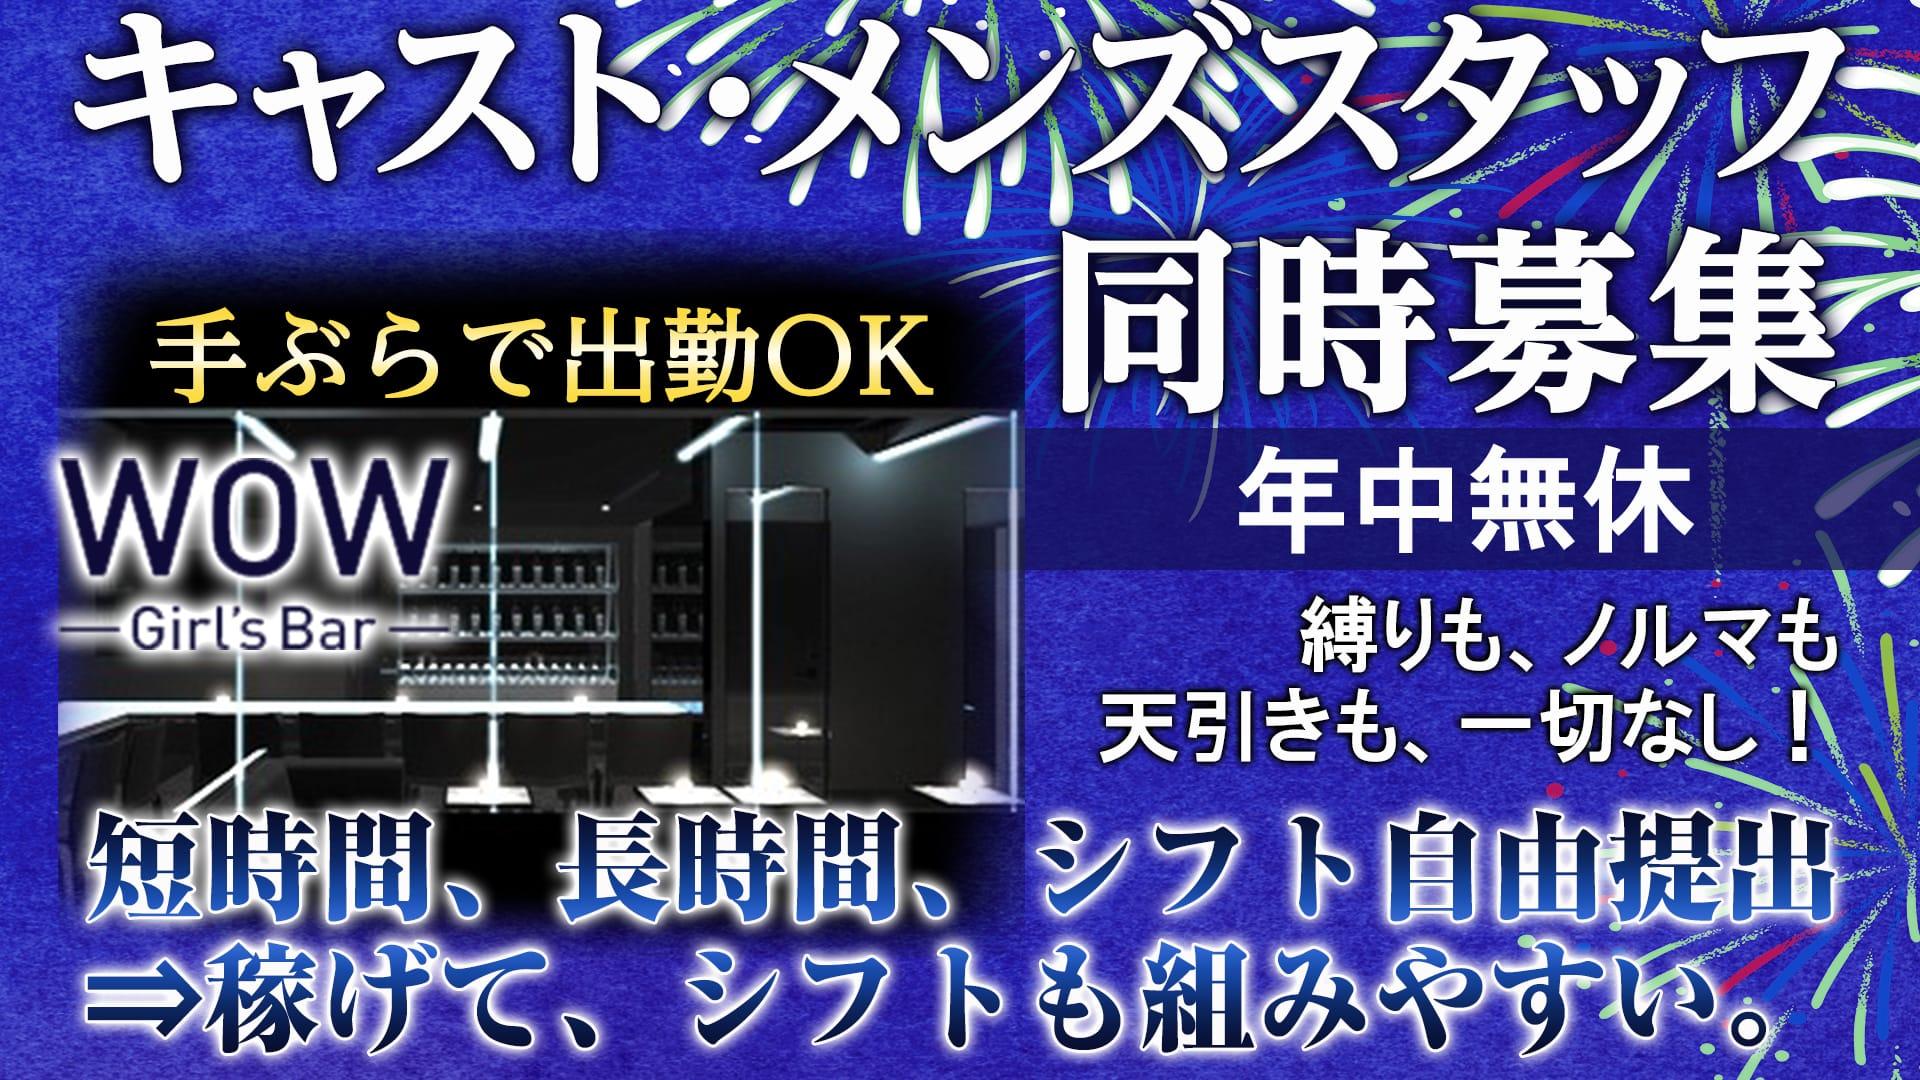 【昼・夜】Girl's Bar WOW(ワオ) 錦糸町ガールズバー TOP画像